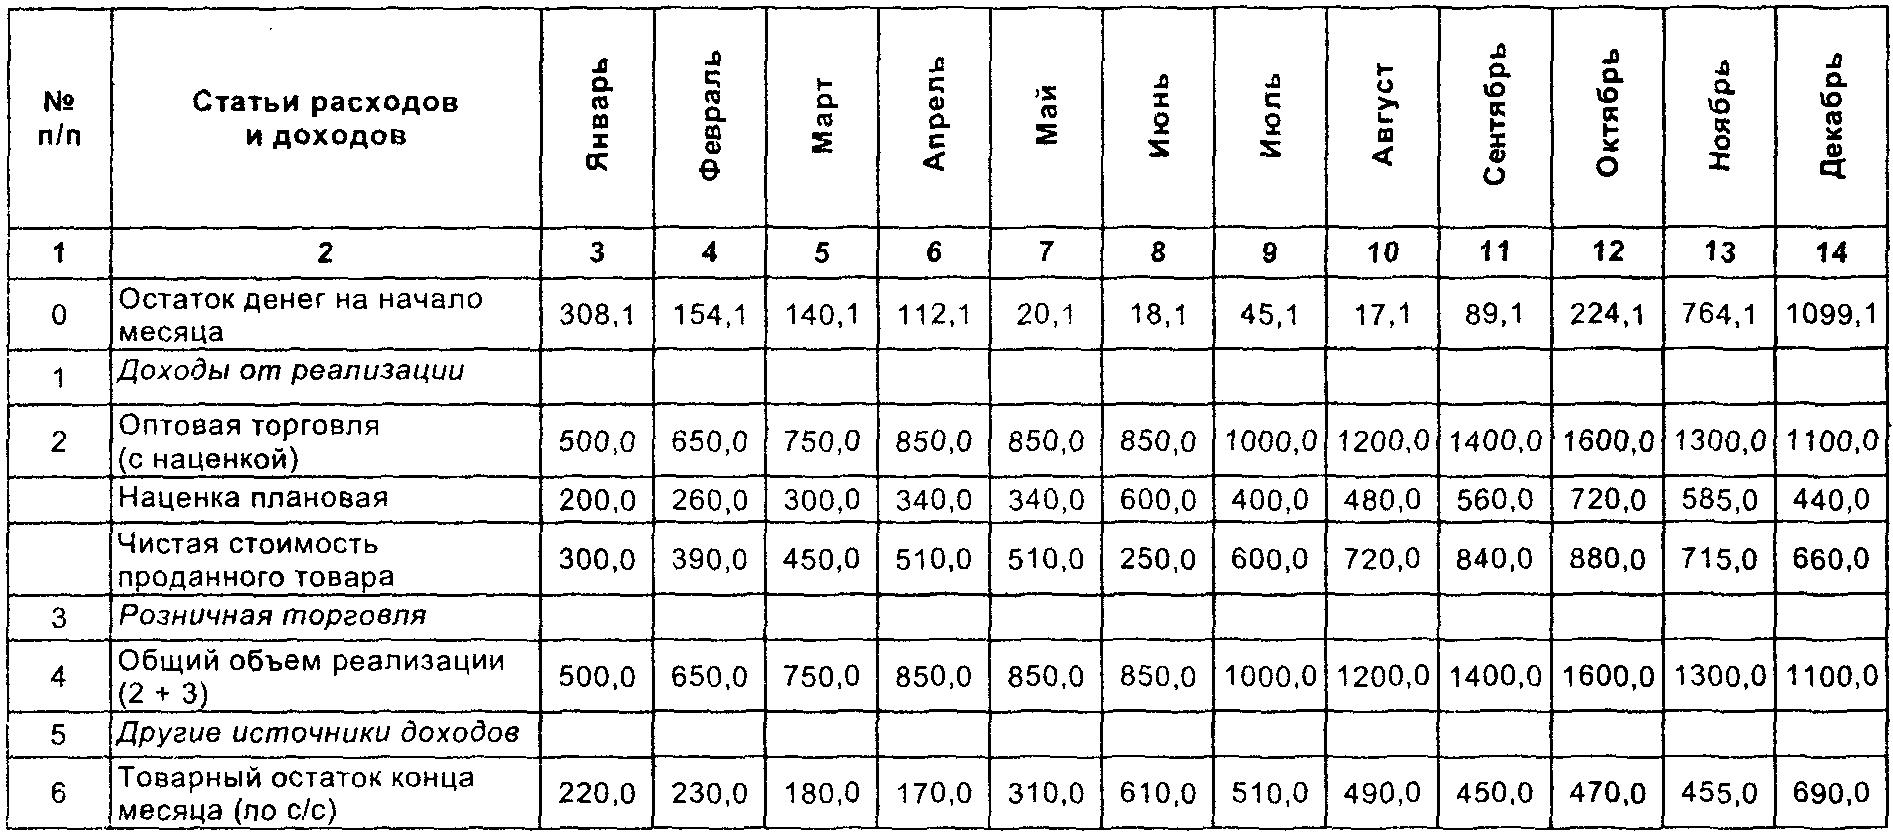 Бизнес план таблицами скачать бесплатно